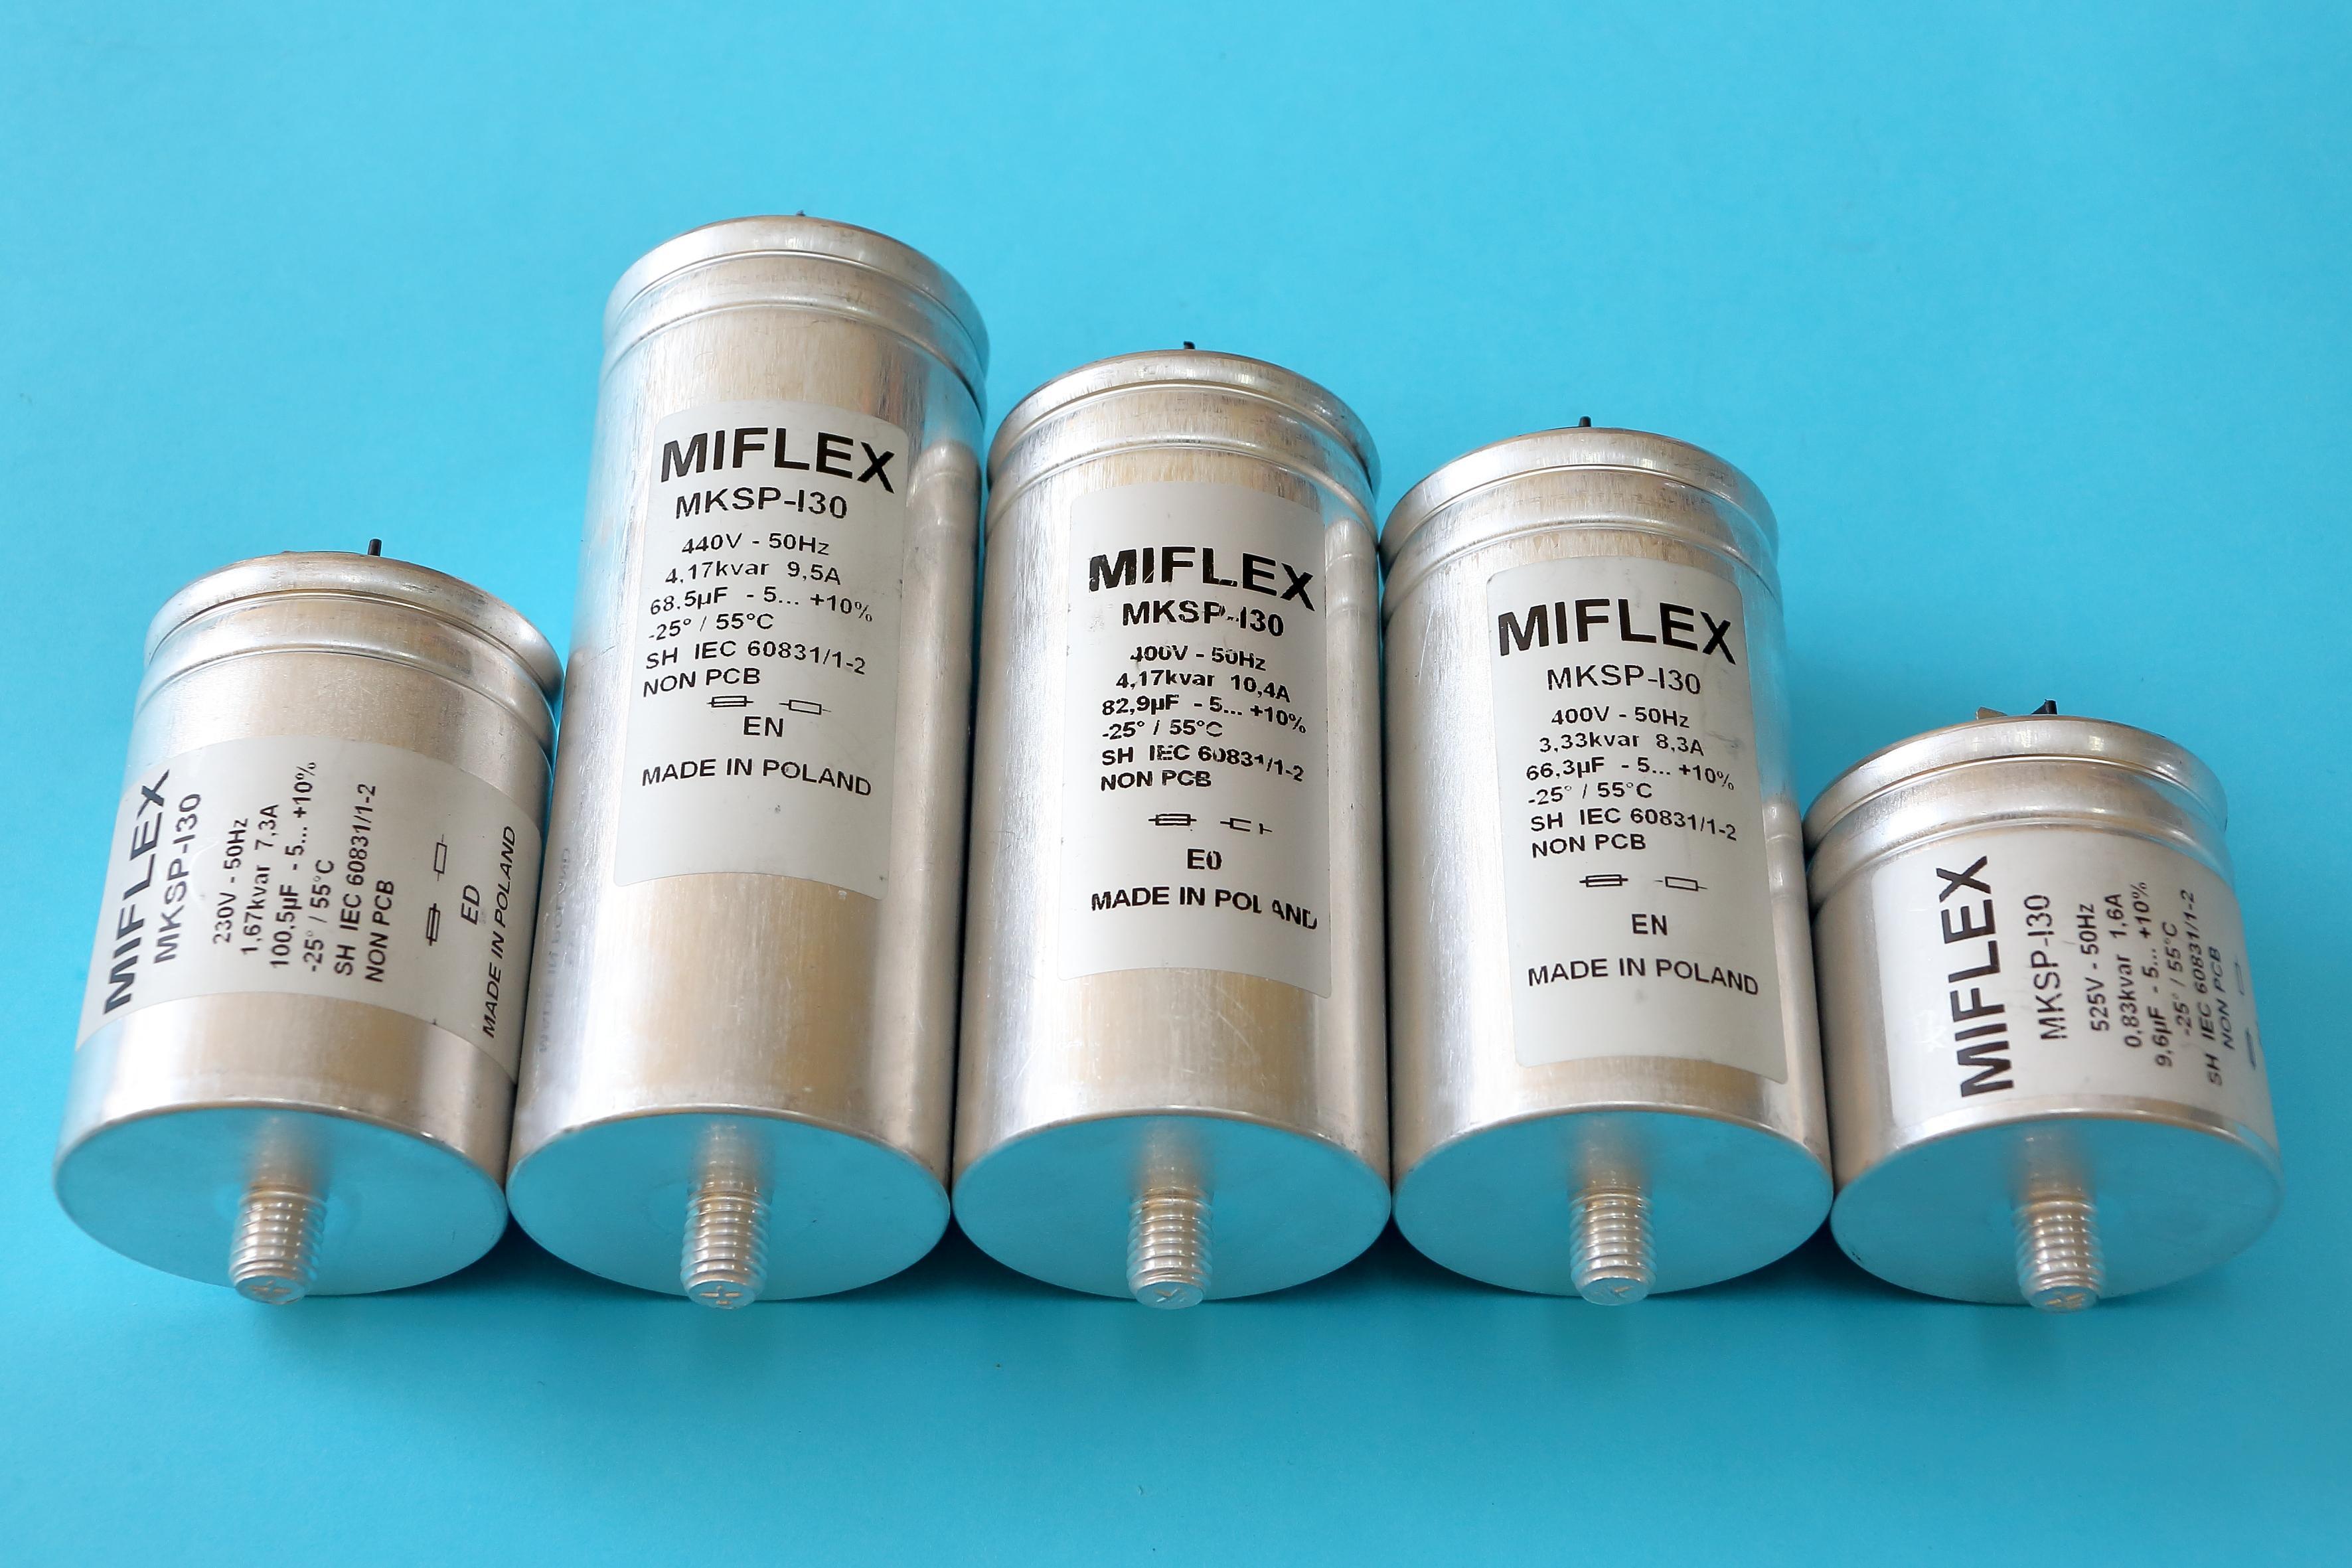 miflex-kondensatory-jednofazowe-do-kompensacji-n2